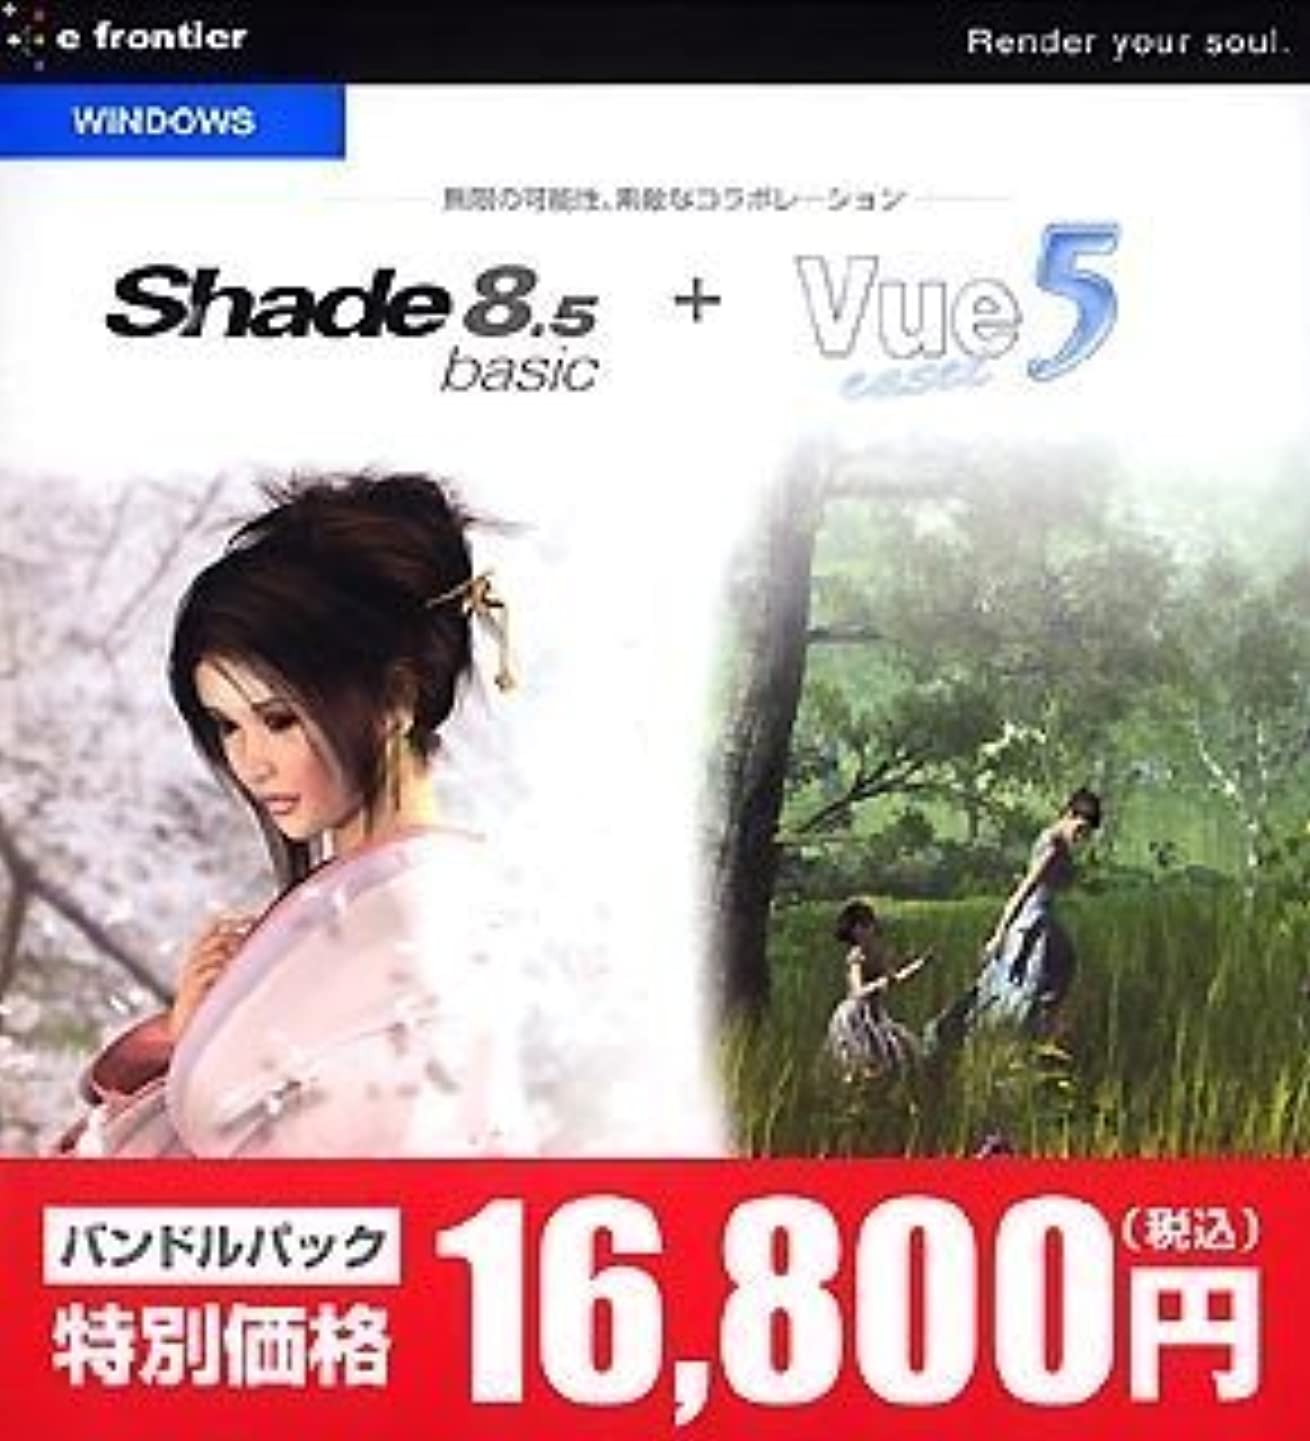 頭蓋骨累計ビュッフェShade 8.5 basic /Vue 5 Easelバンドル Windows